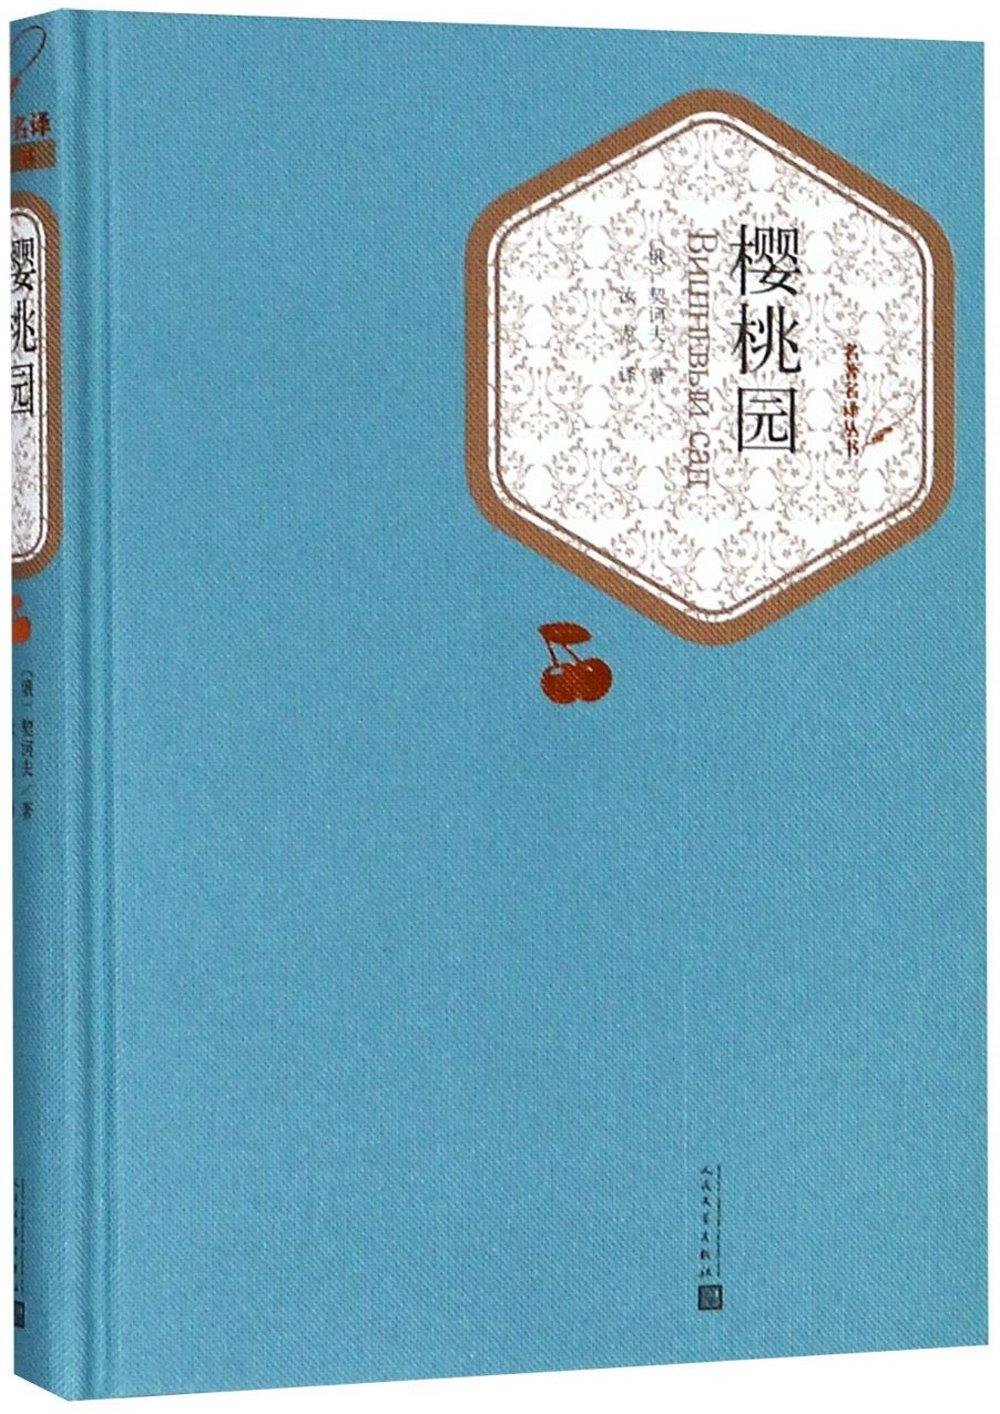 名著名譯叢書:櫻桃園